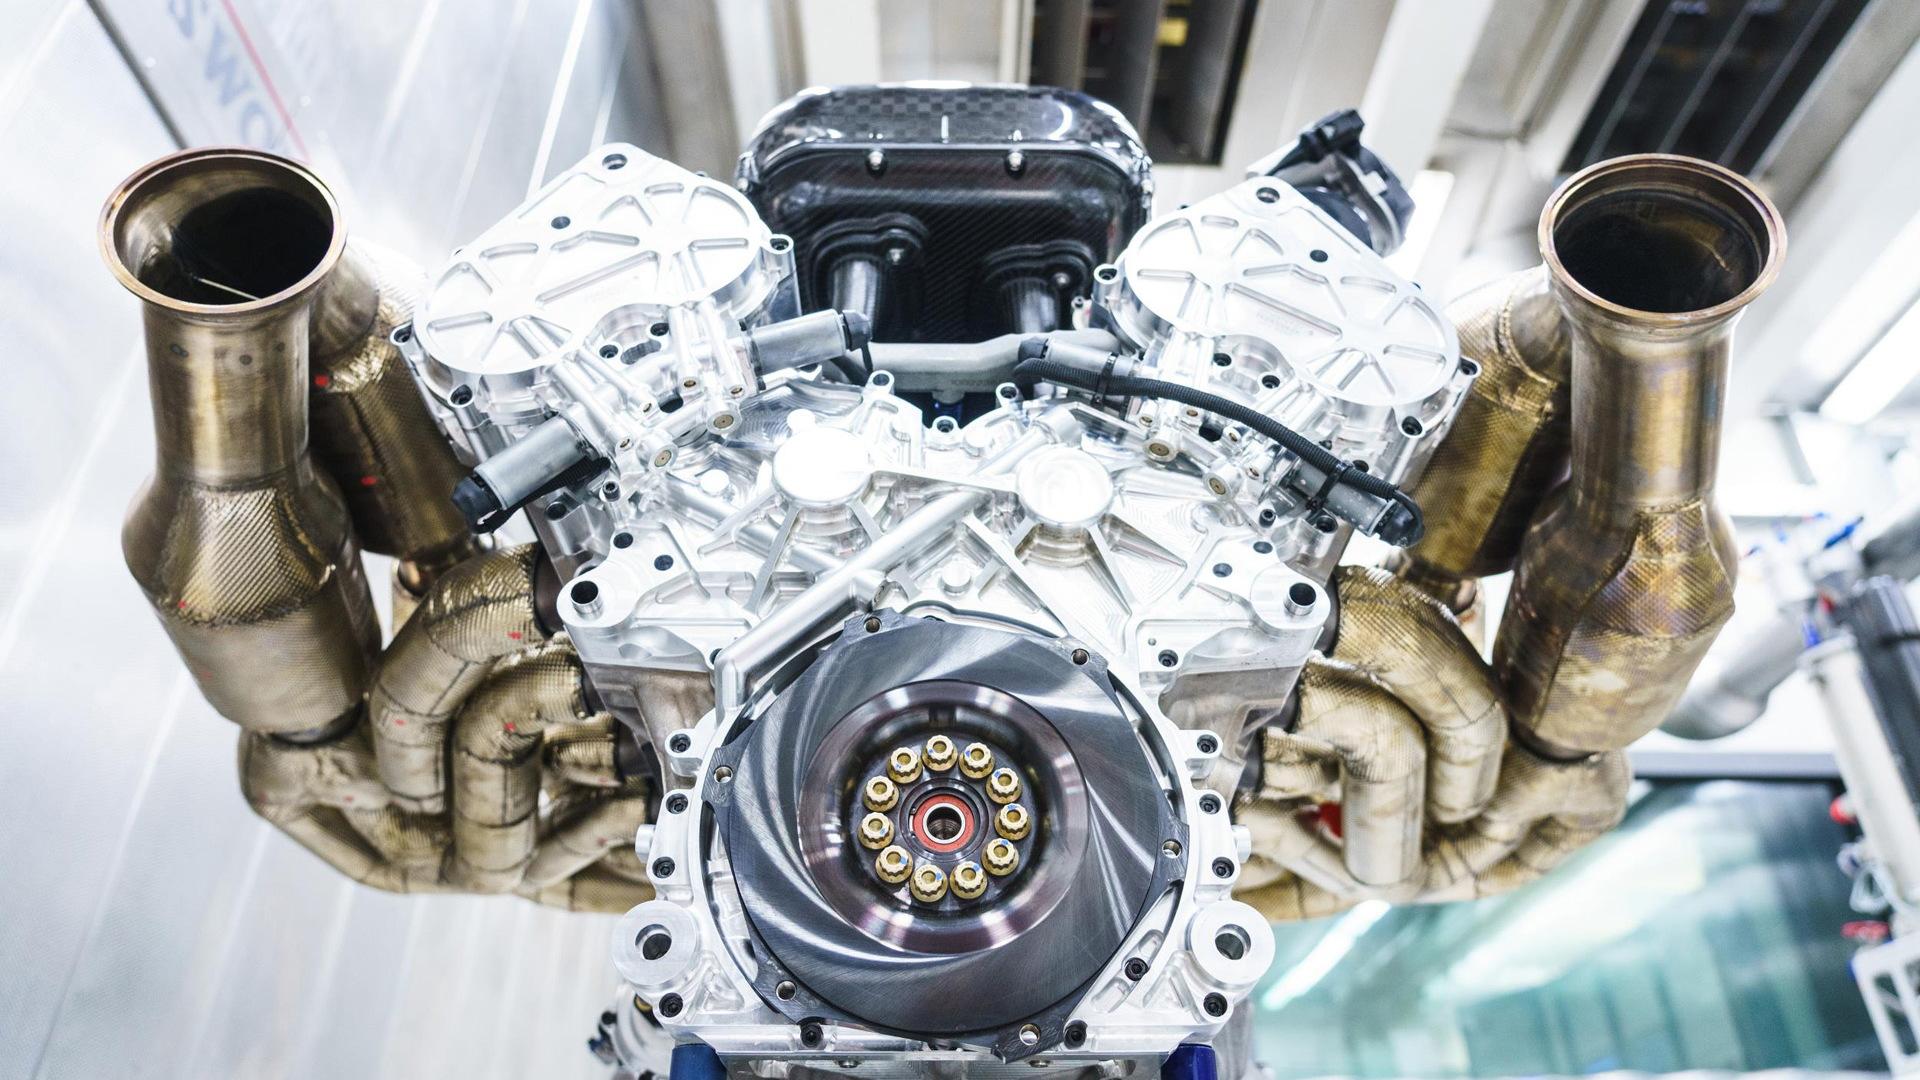 Aston Martin Valkyrie's 6.5-liter V-12